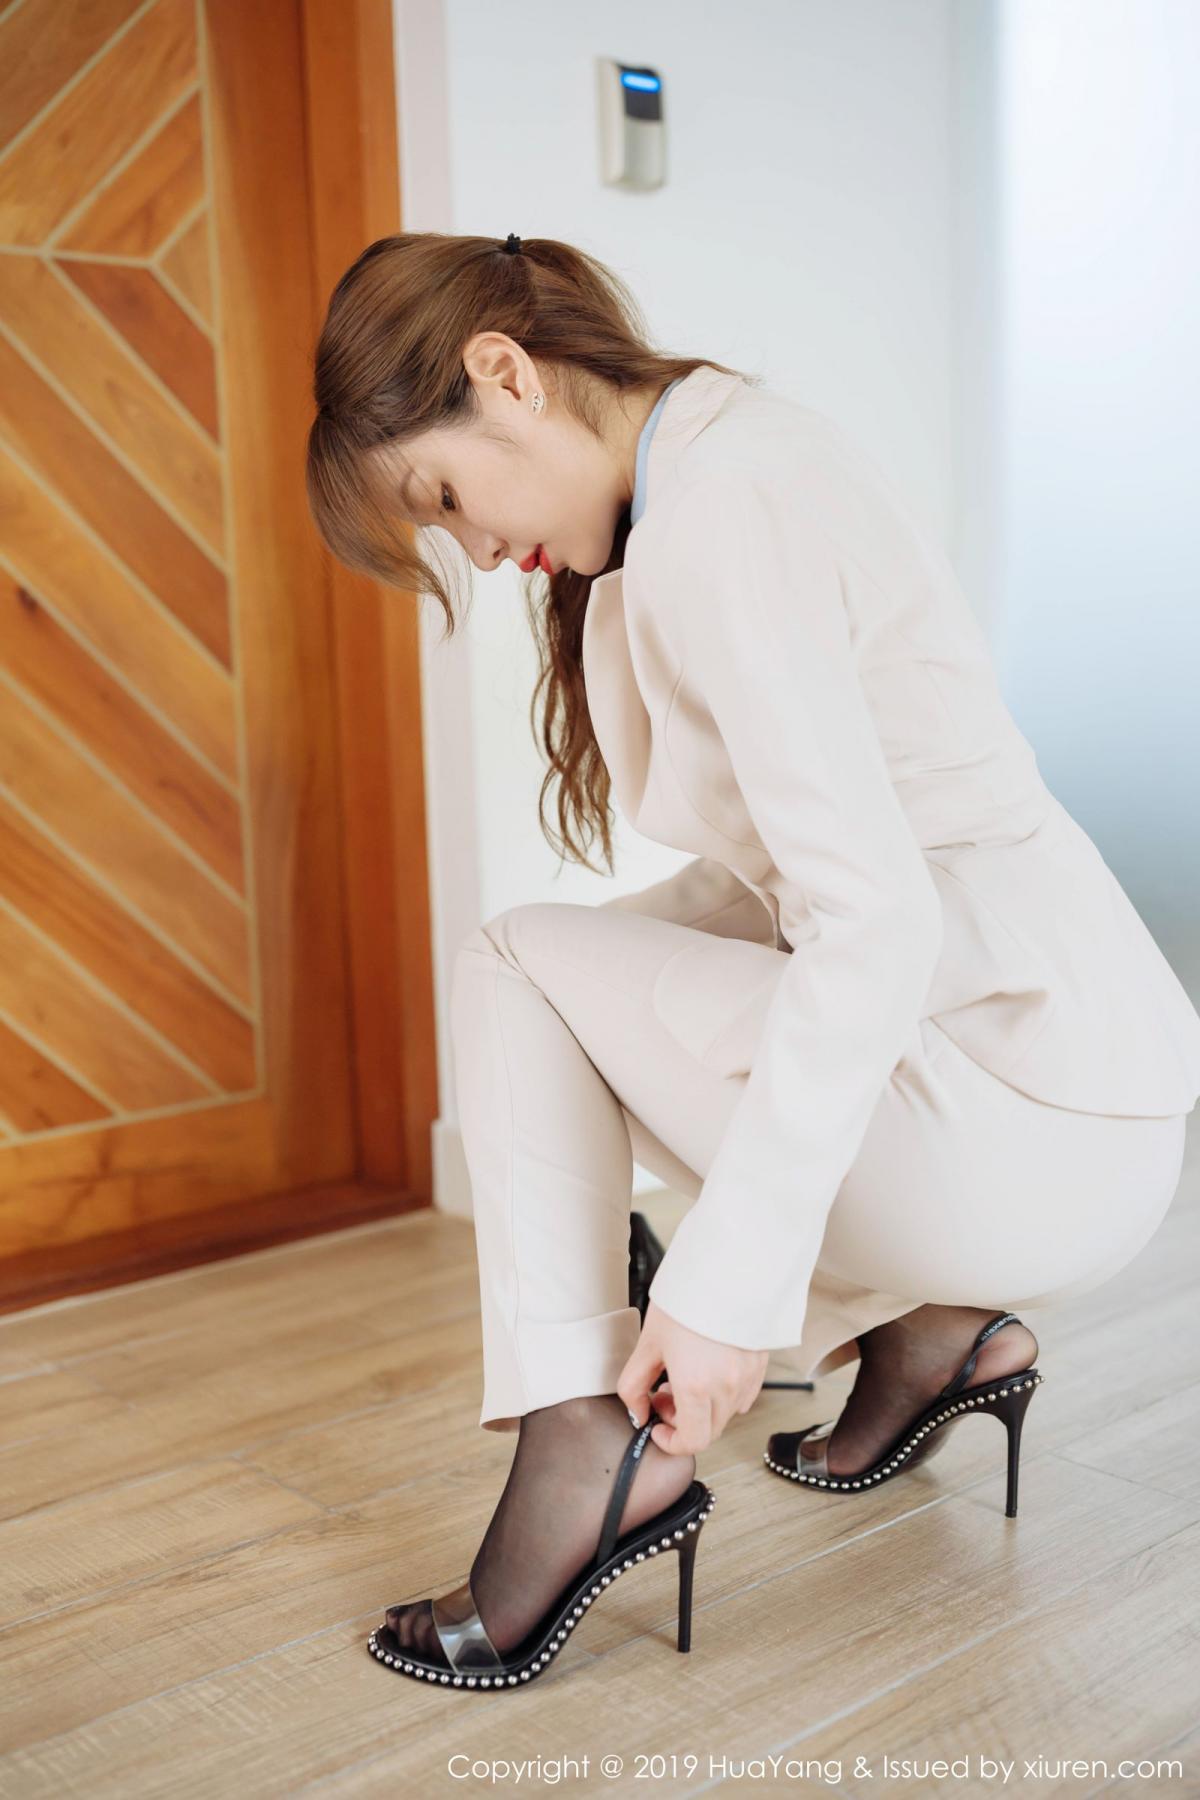 [Huayang] Vol.192 Wang Yu Chun 7P, HuaYang, Underwear, Uniform, Wang Yu Chun